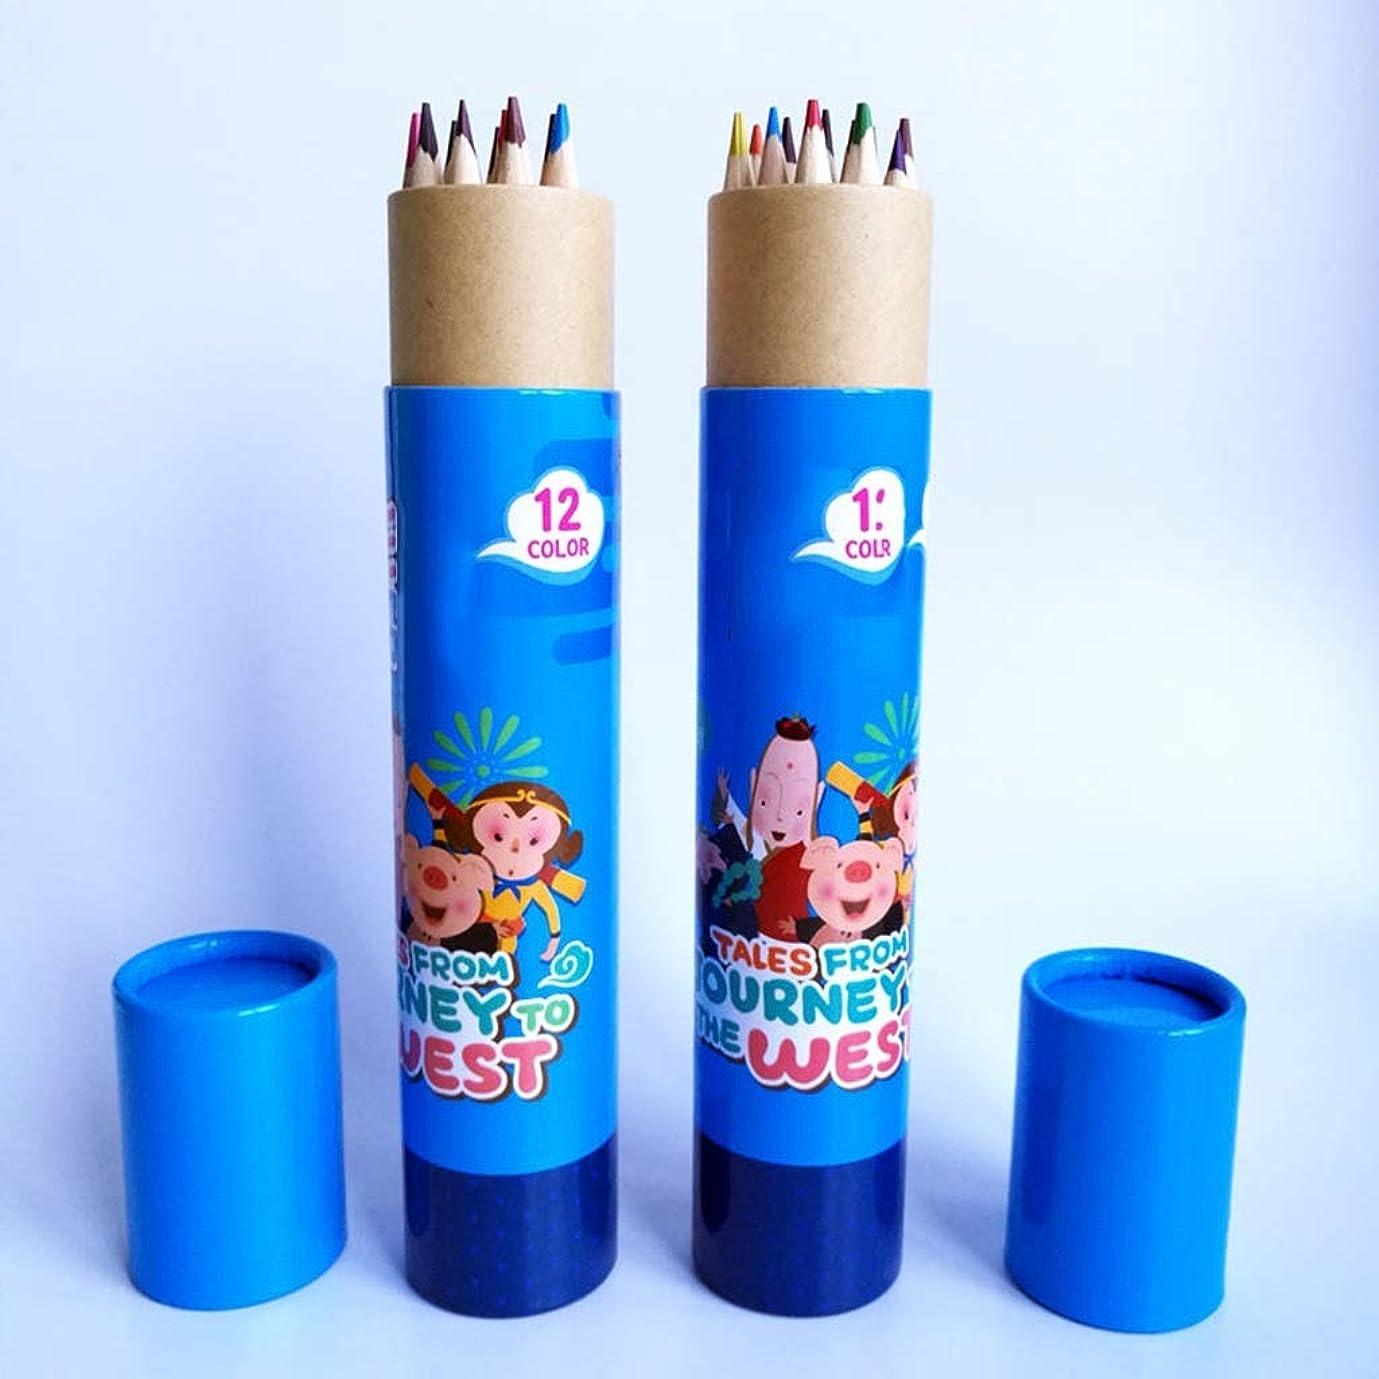 シェアグラフィックイノセンス色鉛筆 文房具セット 鉛筆セット 鉛筆 鉛筆 鉛筆セット 文房具セット 色鉛筆 W-45